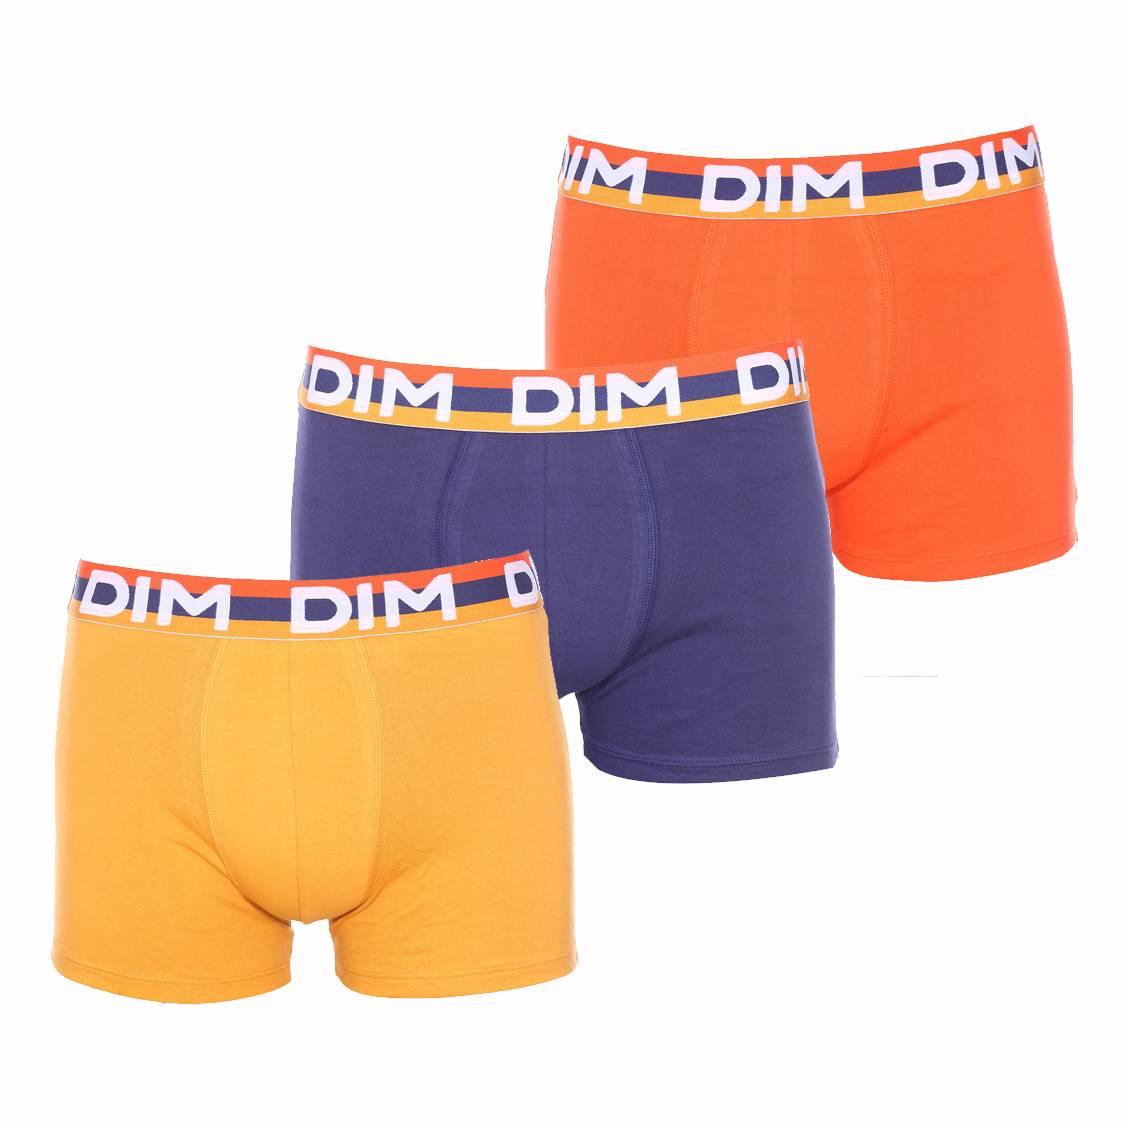 lot de 3 boxers dim color full en coton stretch orange bleu nuit et jaune ambre rue des hommes. Black Bedroom Furniture Sets. Home Design Ideas